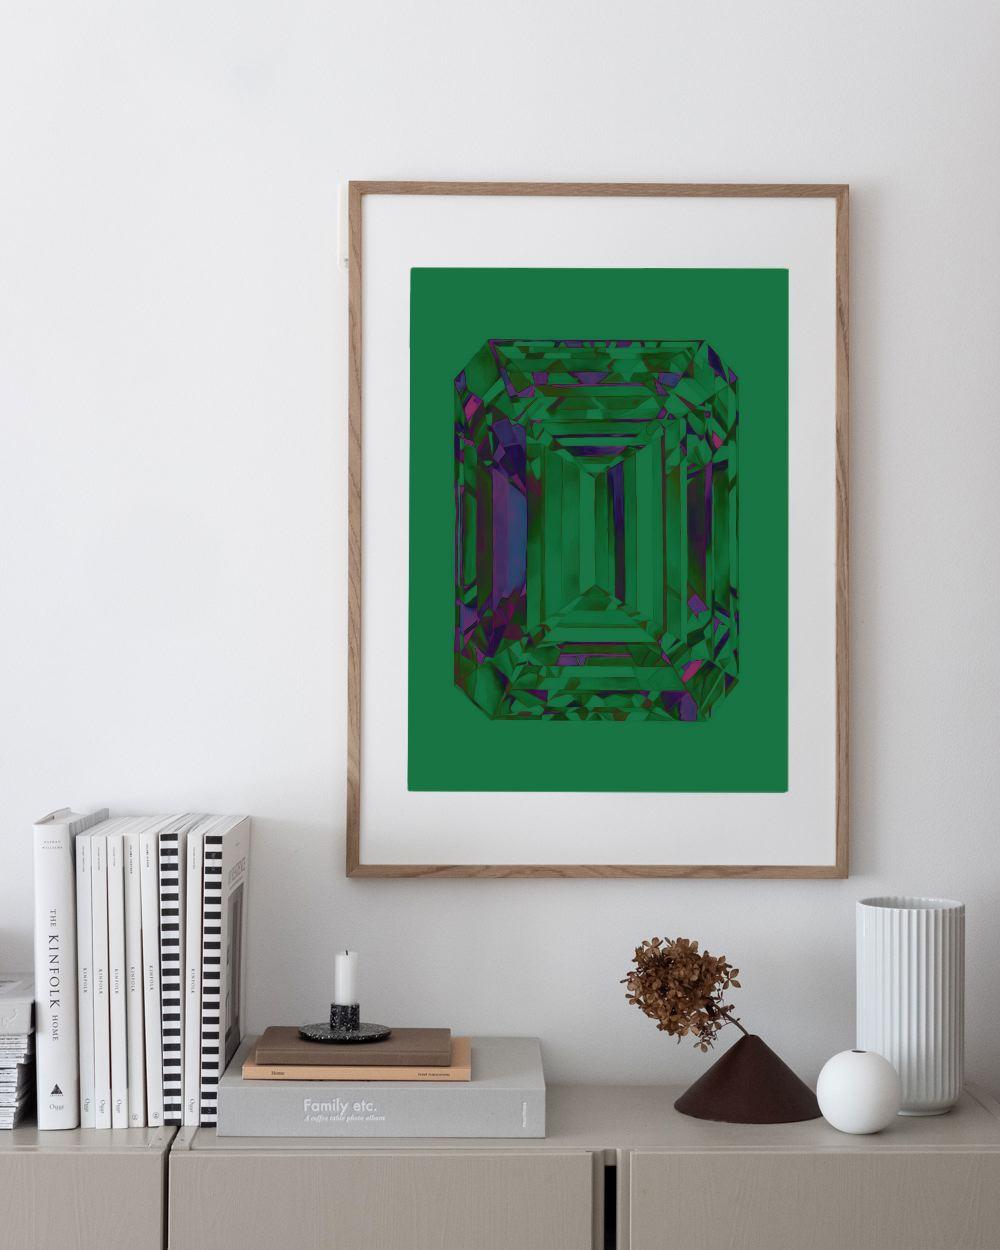 постеры для интерьера в интернет магазине DomumDecoration